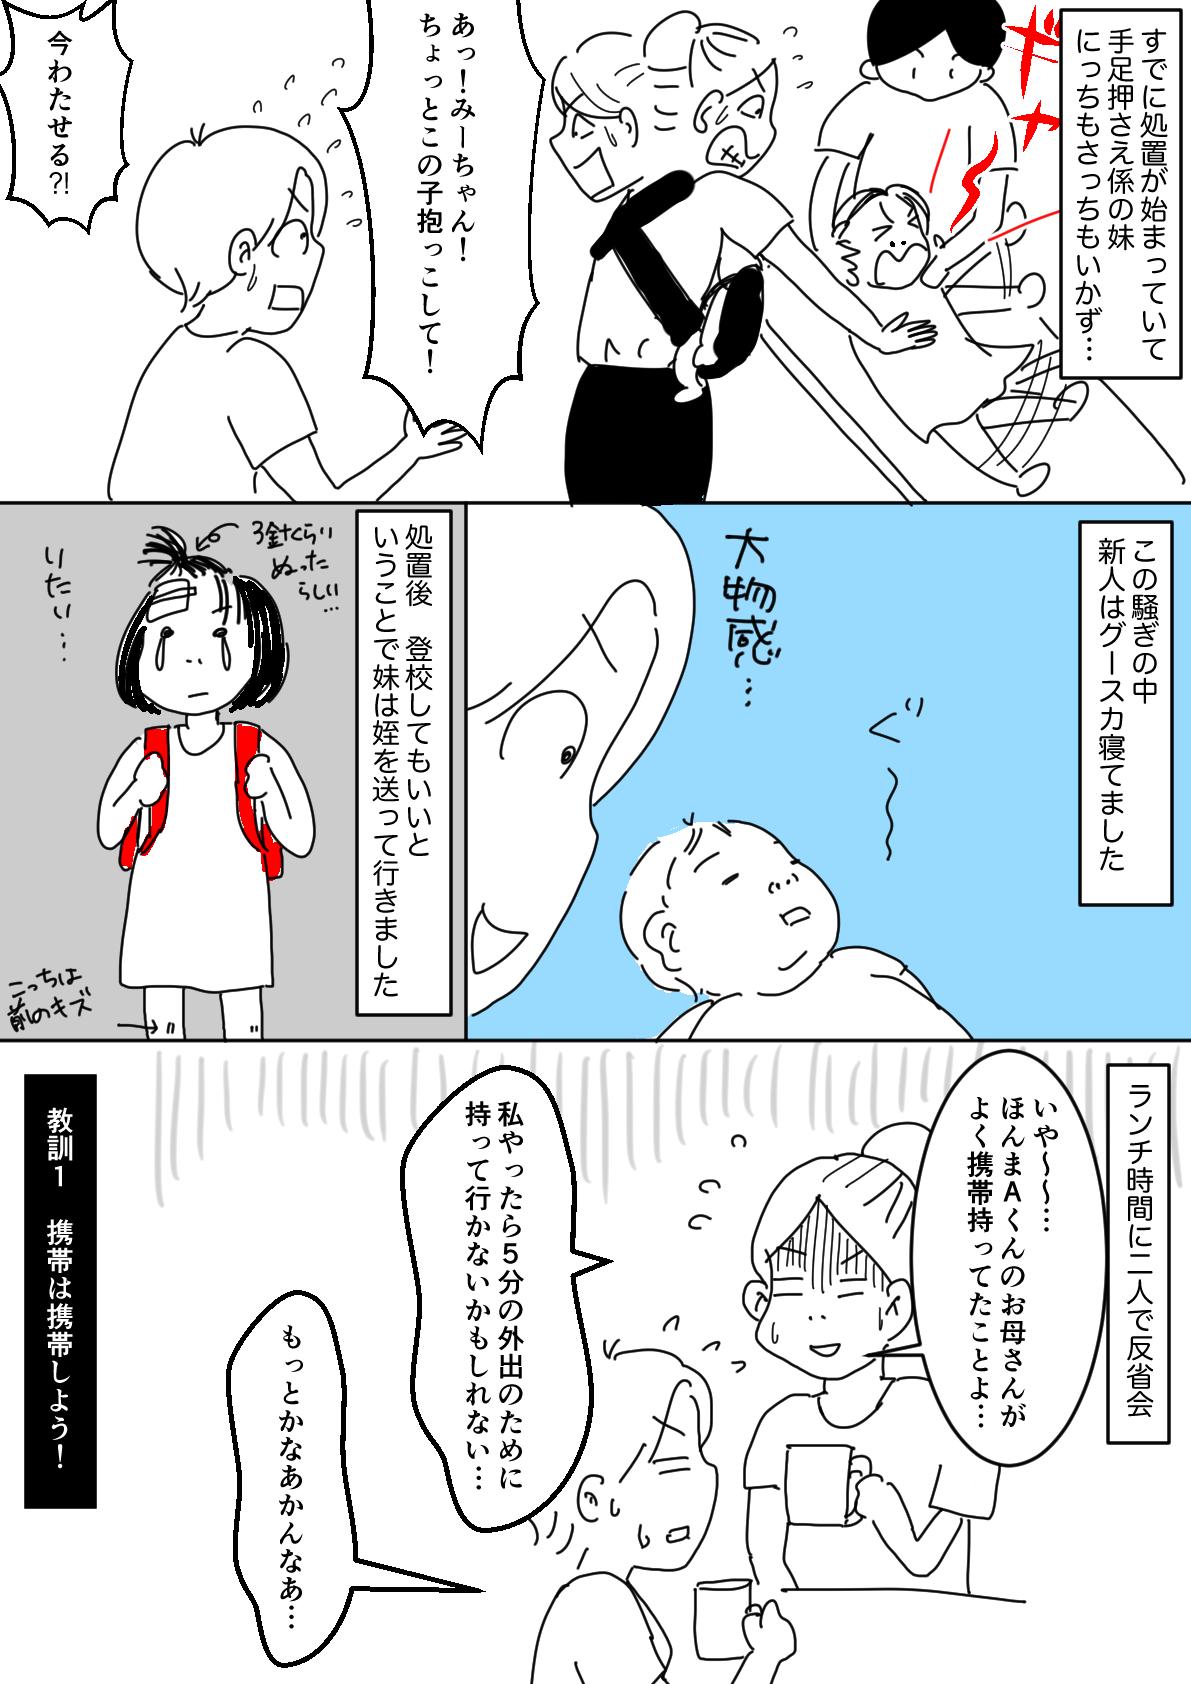 あかり_出力_003